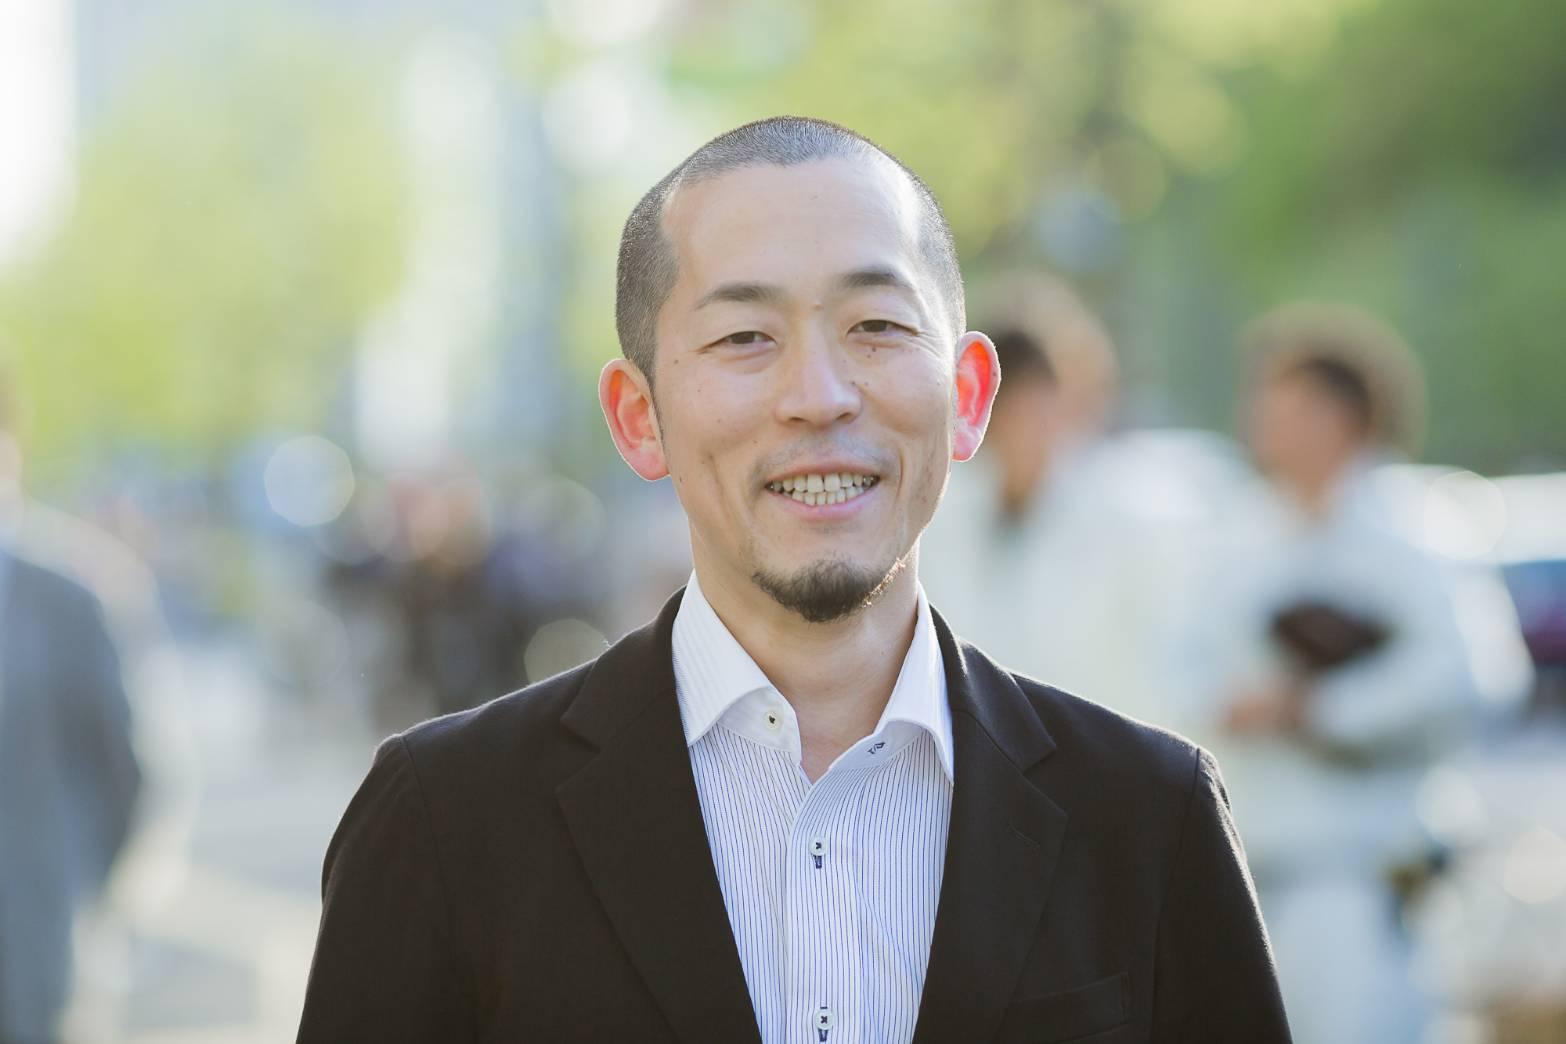 https://nikken-career.jp/wp-content/uploads/2019/07/6bda3885a4f5a57d1569b78428c8bd0b.jpg